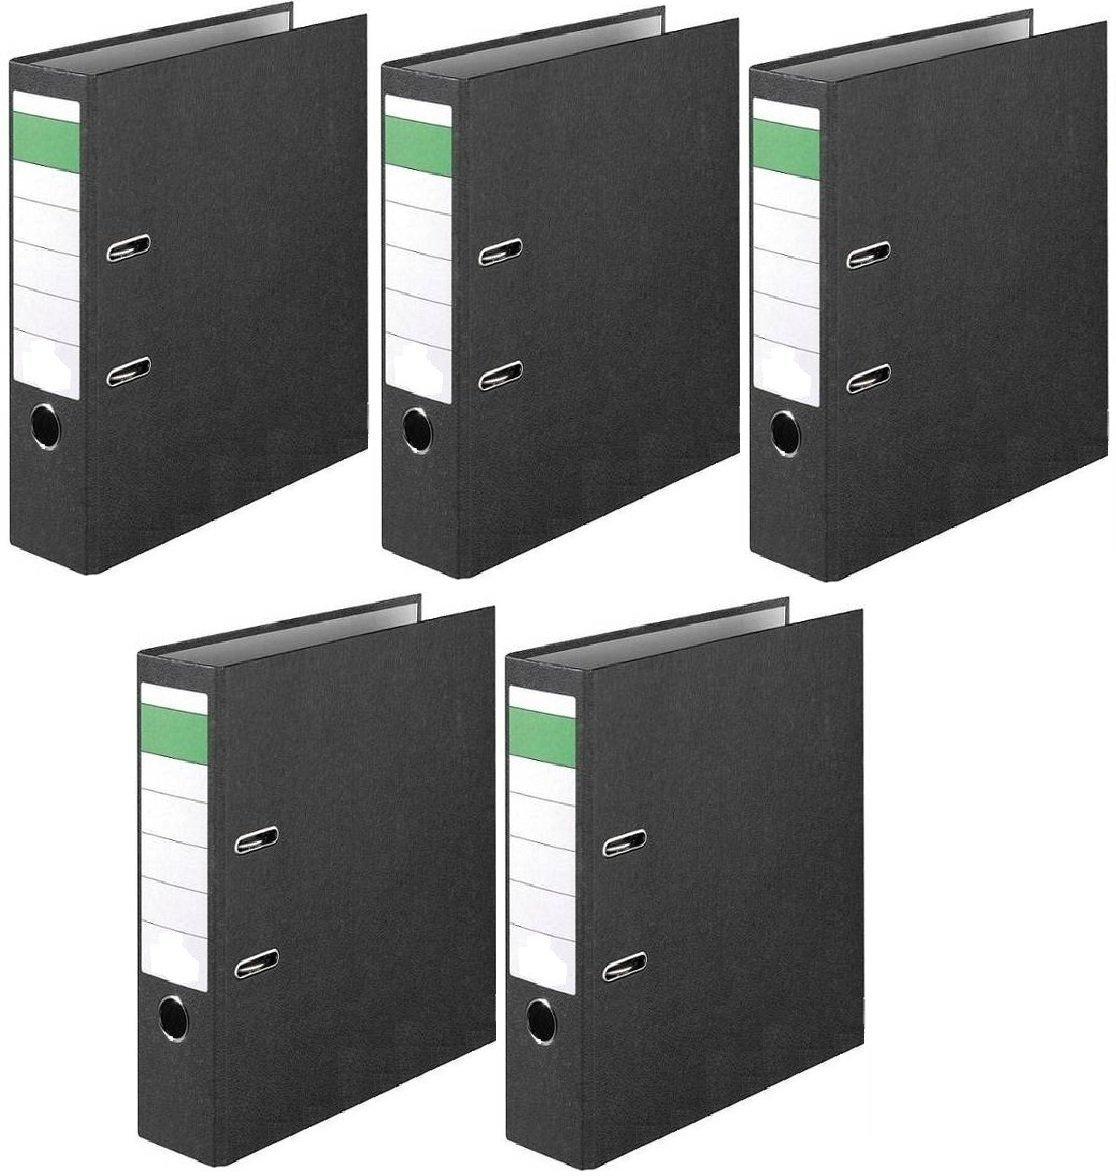 5x Ordner Economy DIN-A4, 8cm Wolkenmarmorbezug schwarz Aktenordner Briefordner